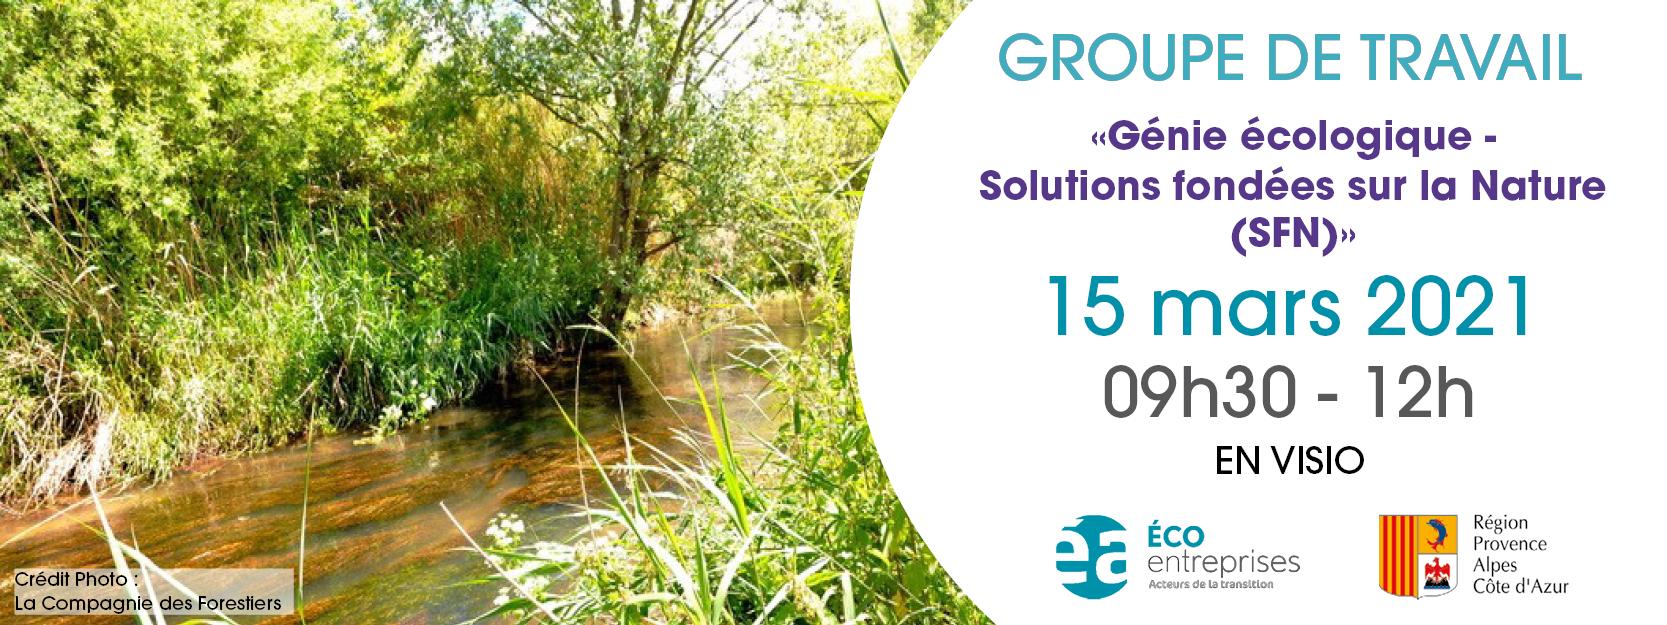 Groupe de Travail Génie écologique – Solutions fondées sur la Nature (SFN)